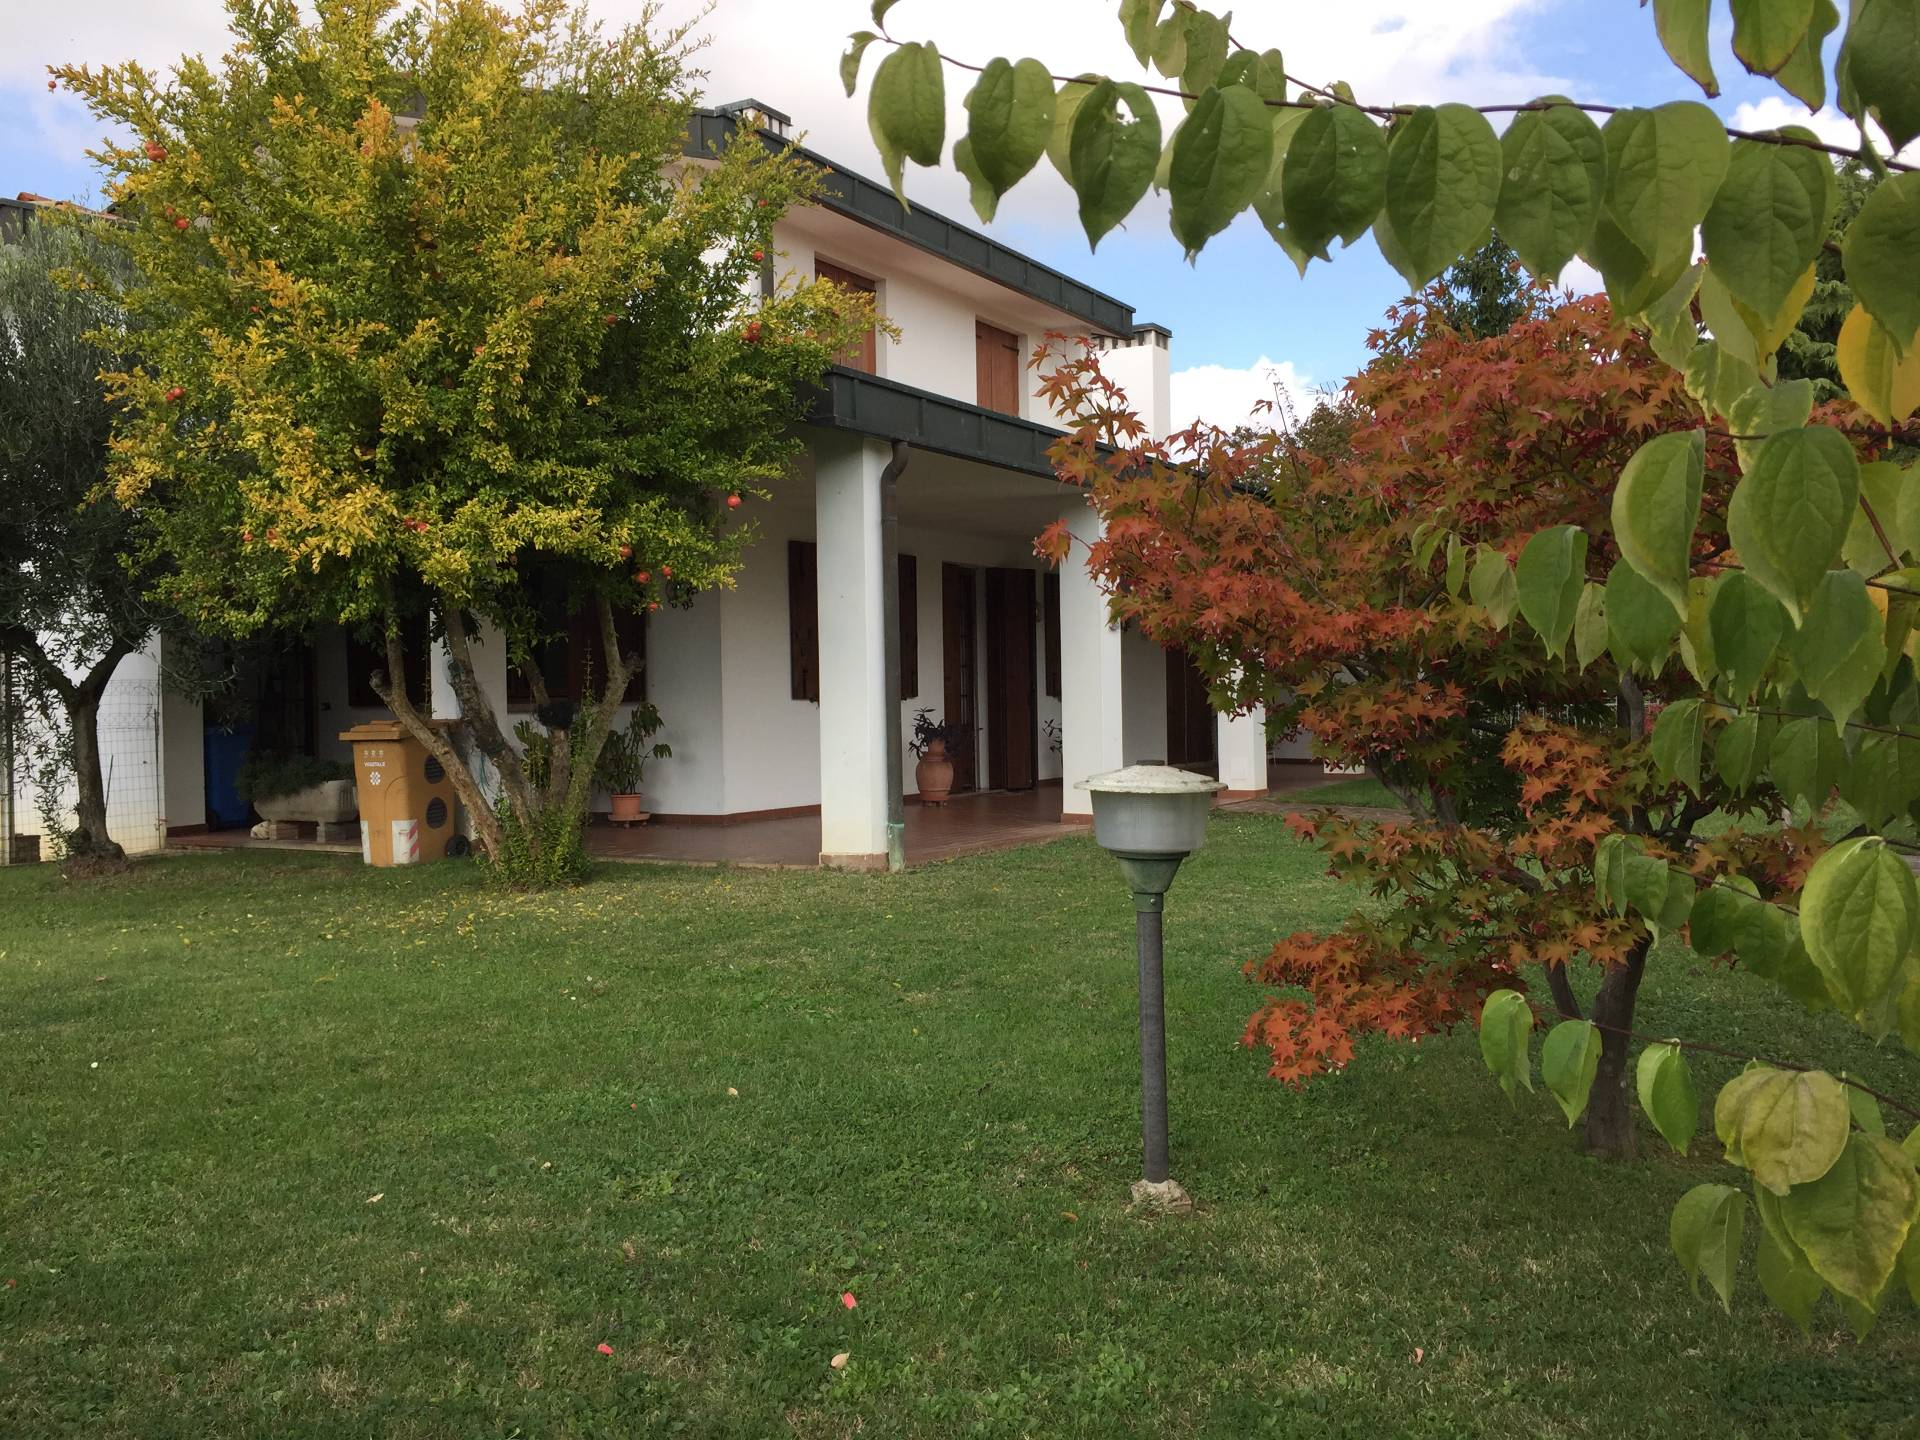 Villa in vendita a Silea, 14 locali, zona Località: S.Elena, prezzo € 320.000 | CambioCasa.it